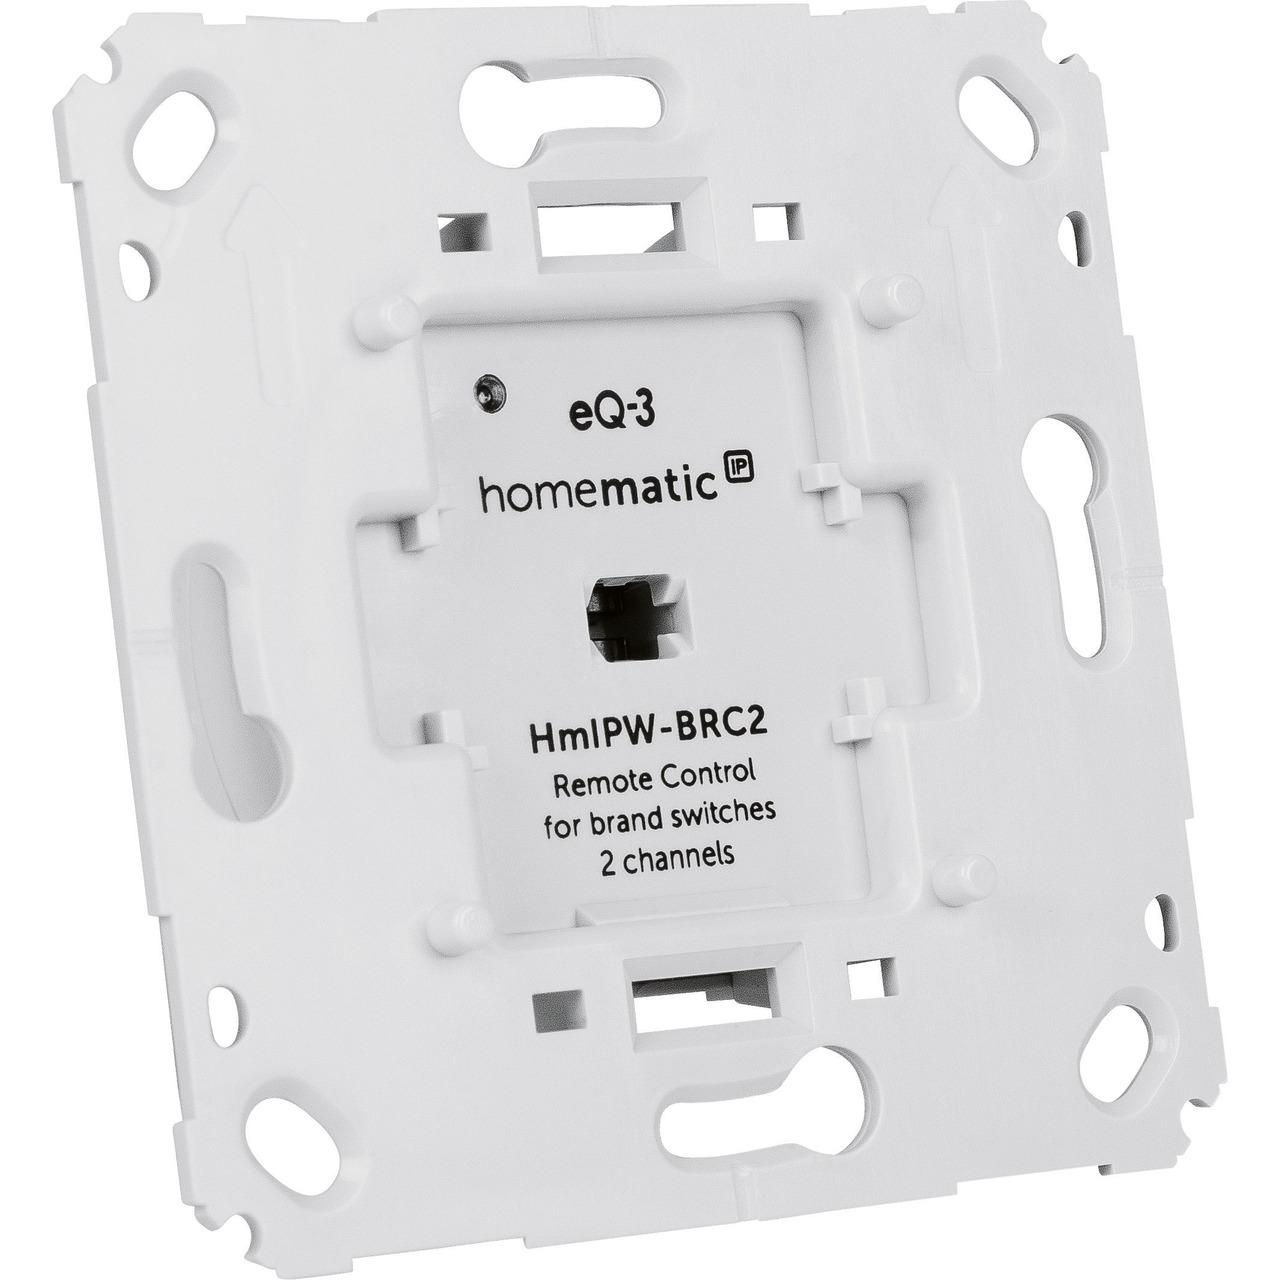 ELV Homematic IP Wired Komplettbausatz 2-Kanal-Wandtaster für Markenschalter HmIPW-BRC2